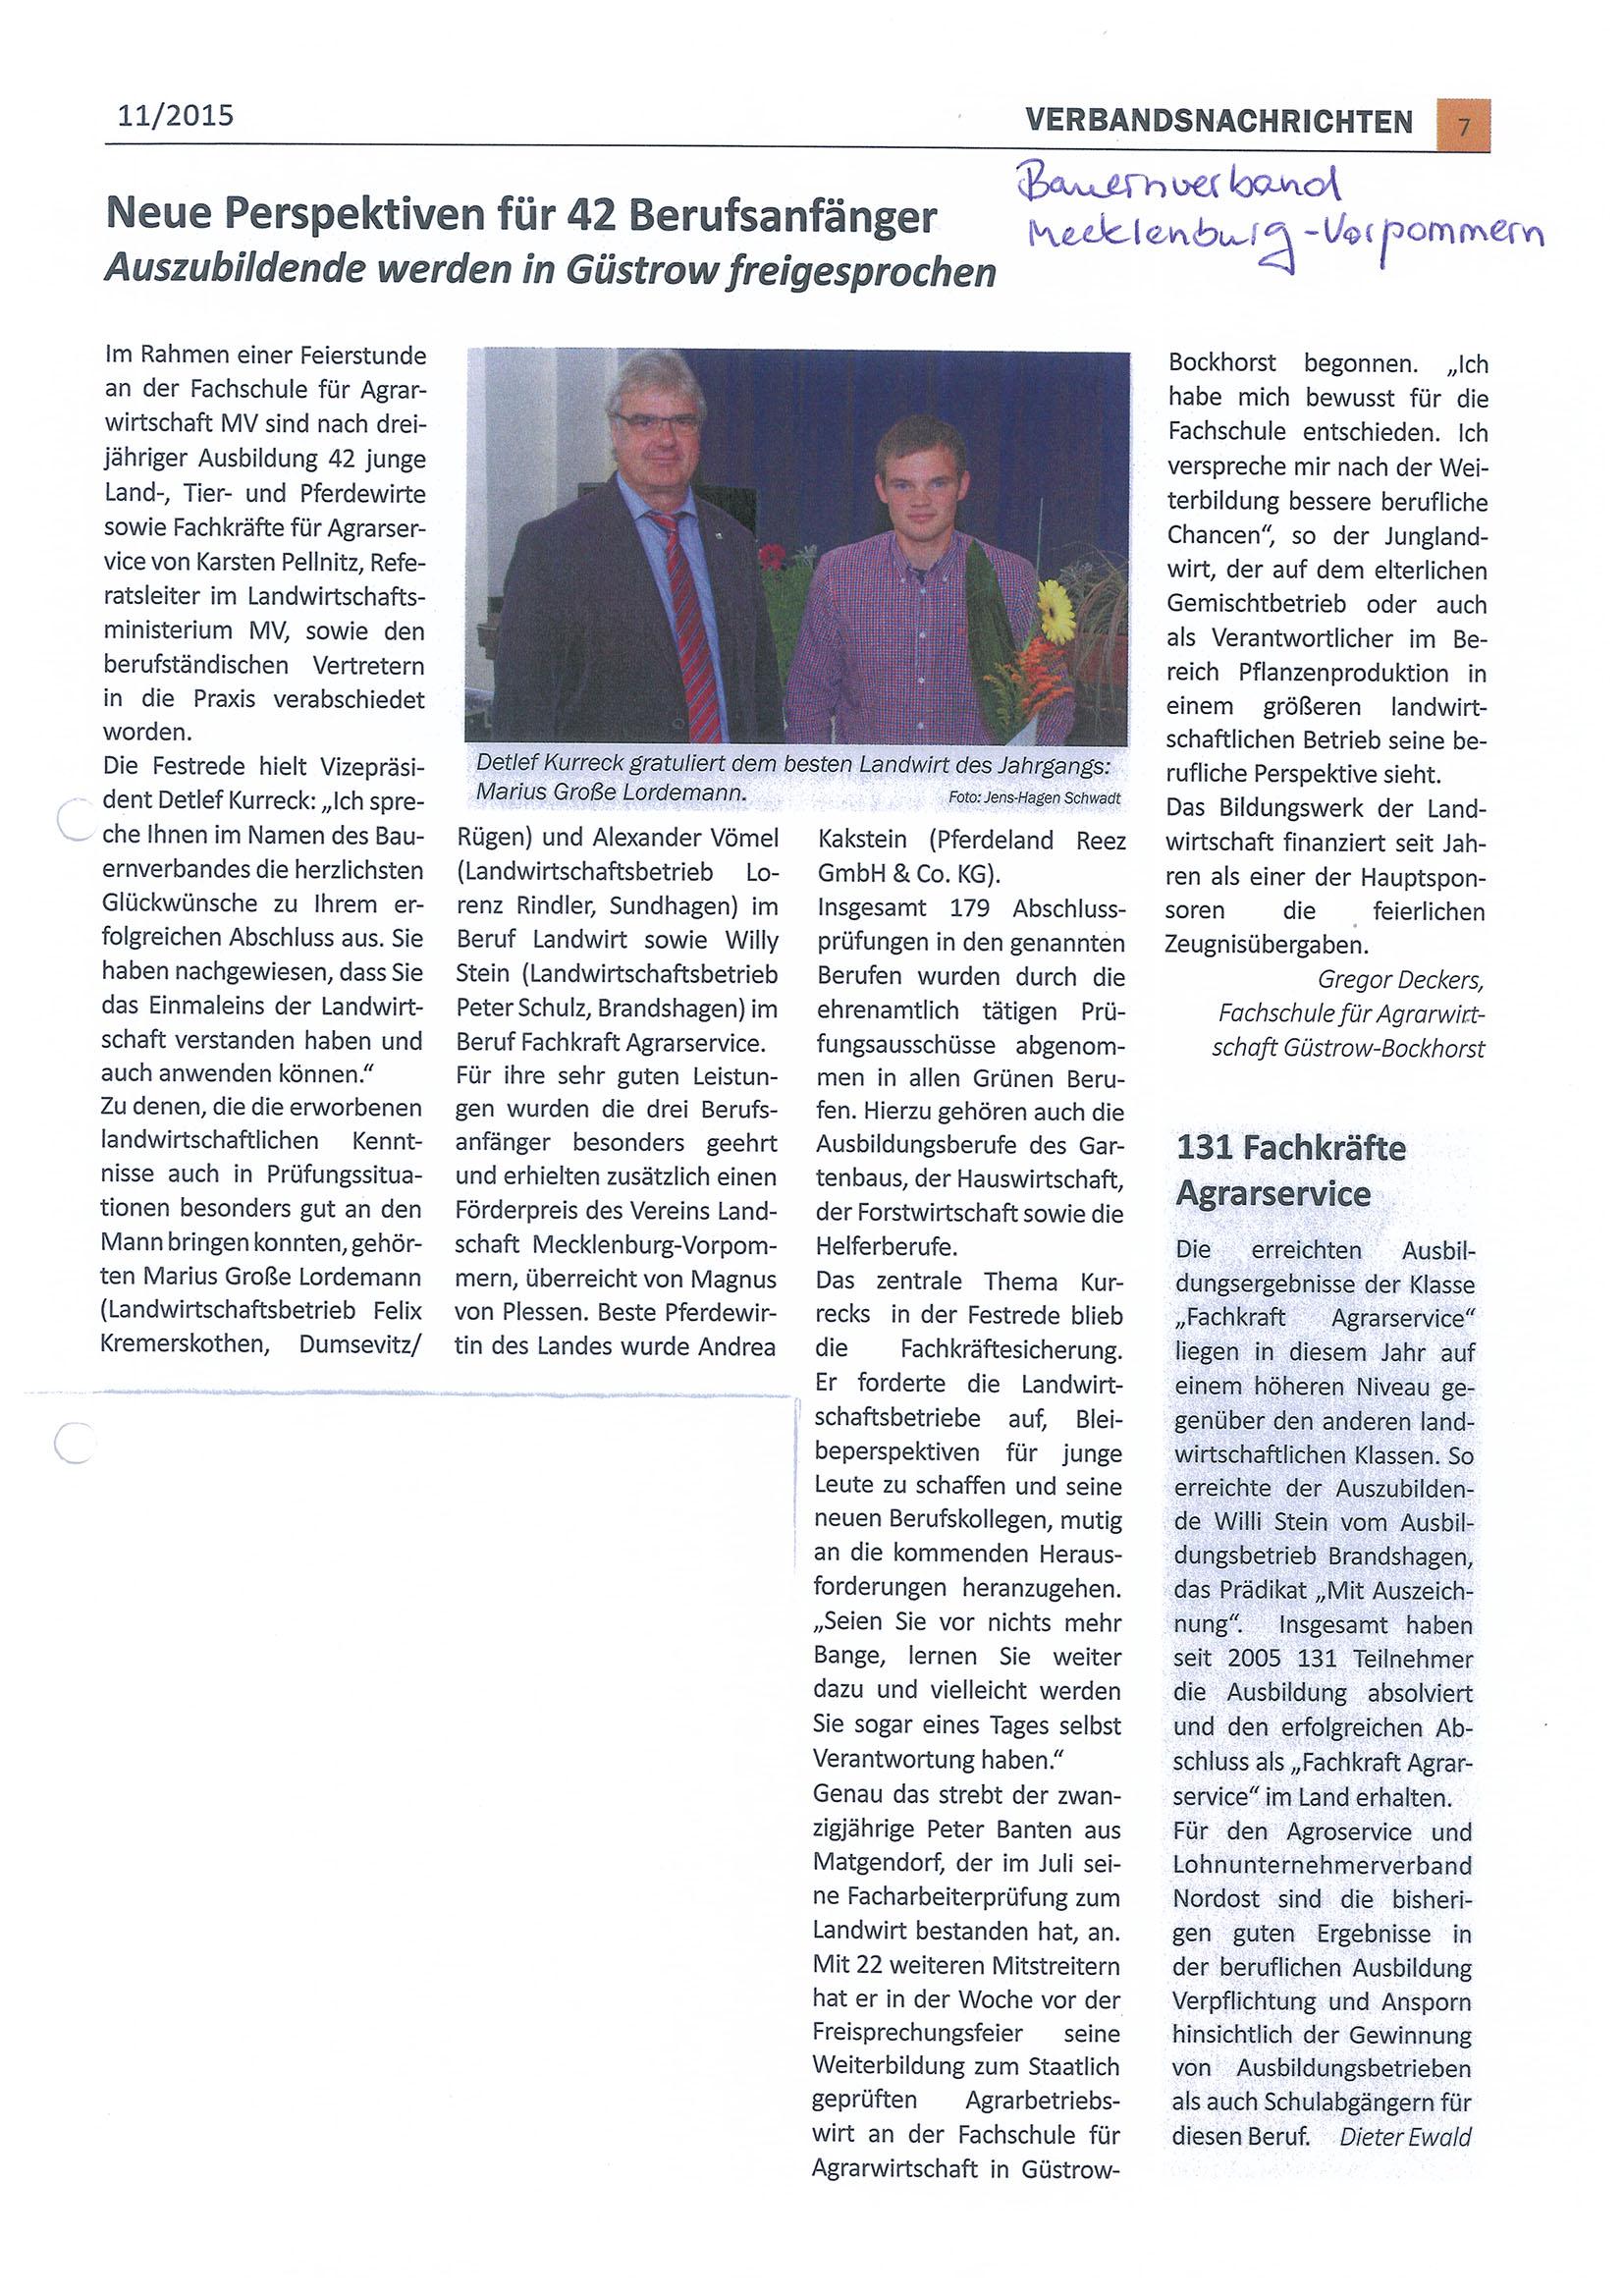 Verbandsnachrichten Bauernverband 2015